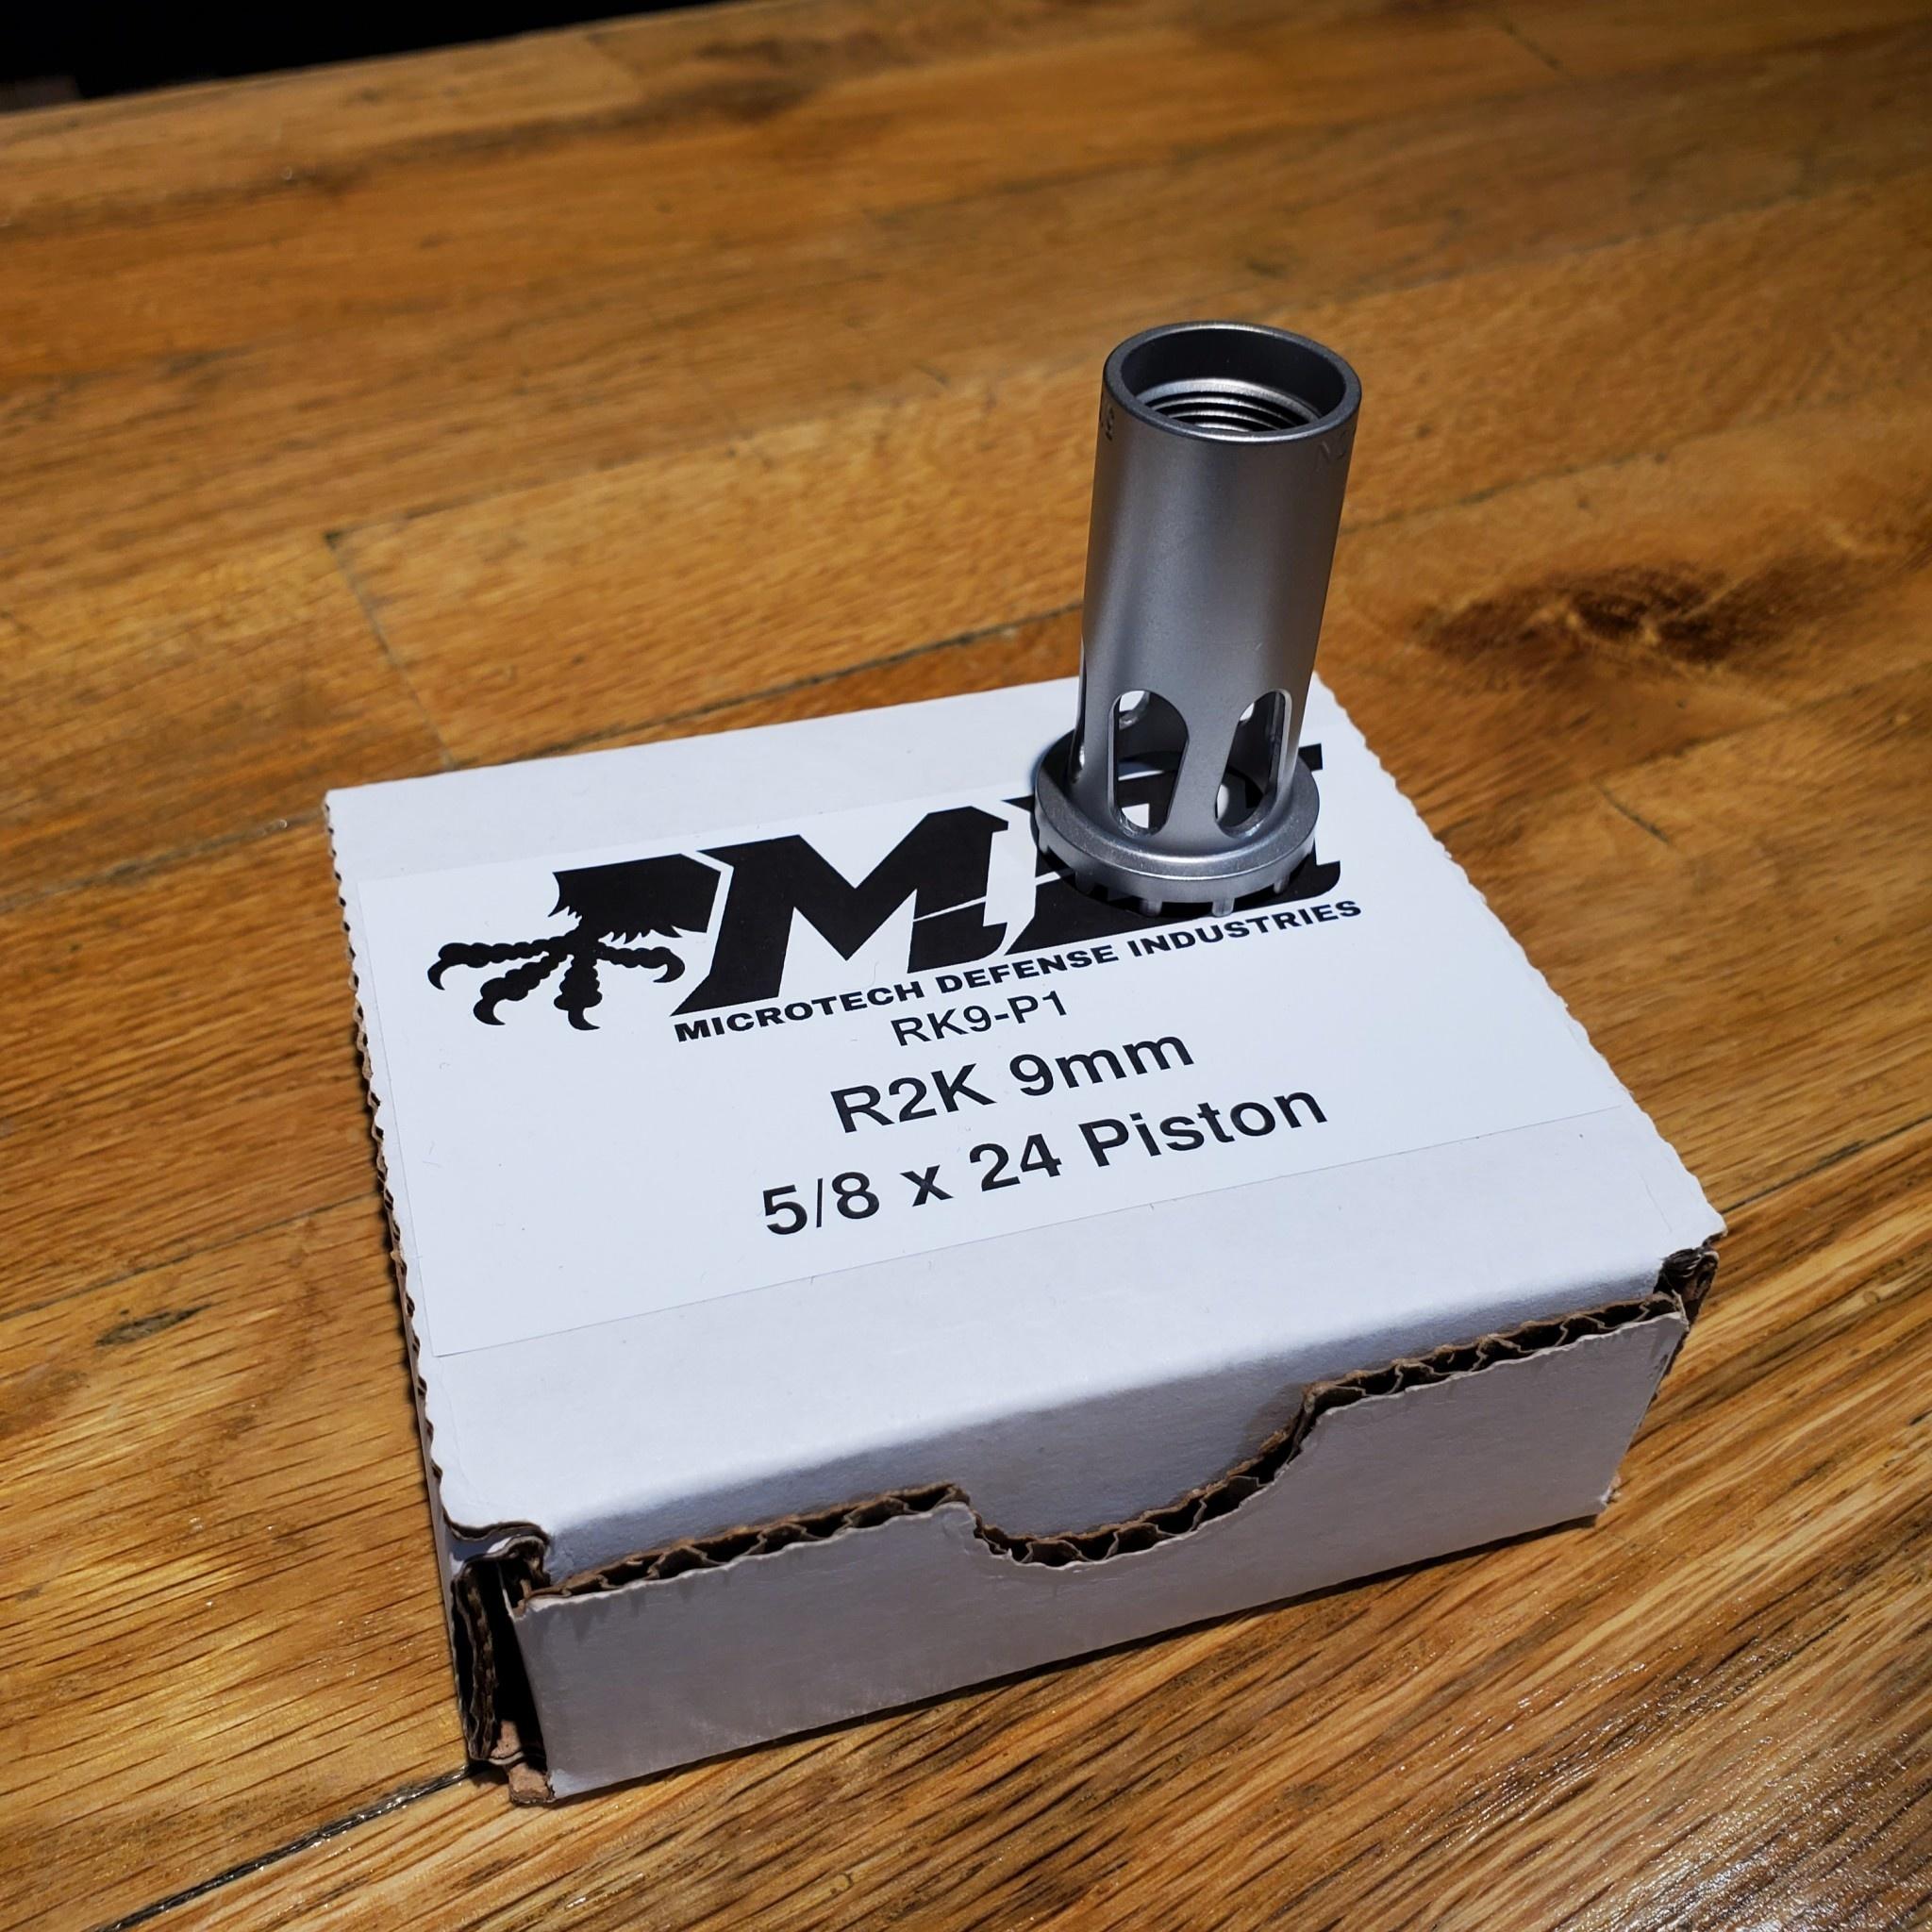 Microtech R2K 9mm, 5/8x24 Piston